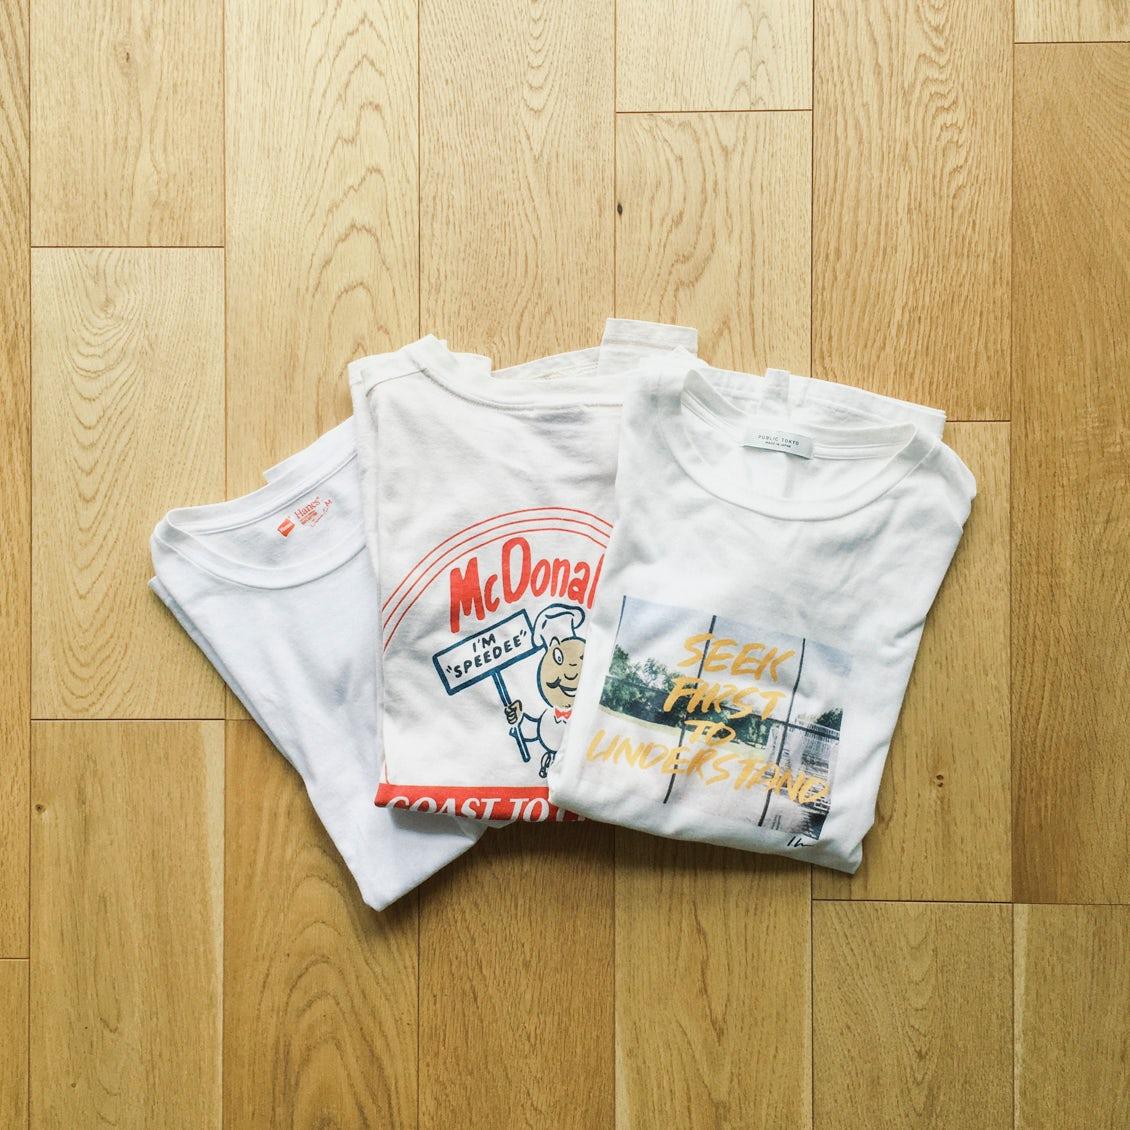 【スタッフコラム】Tシャツを選ぶのが、ずっと苦手でした。